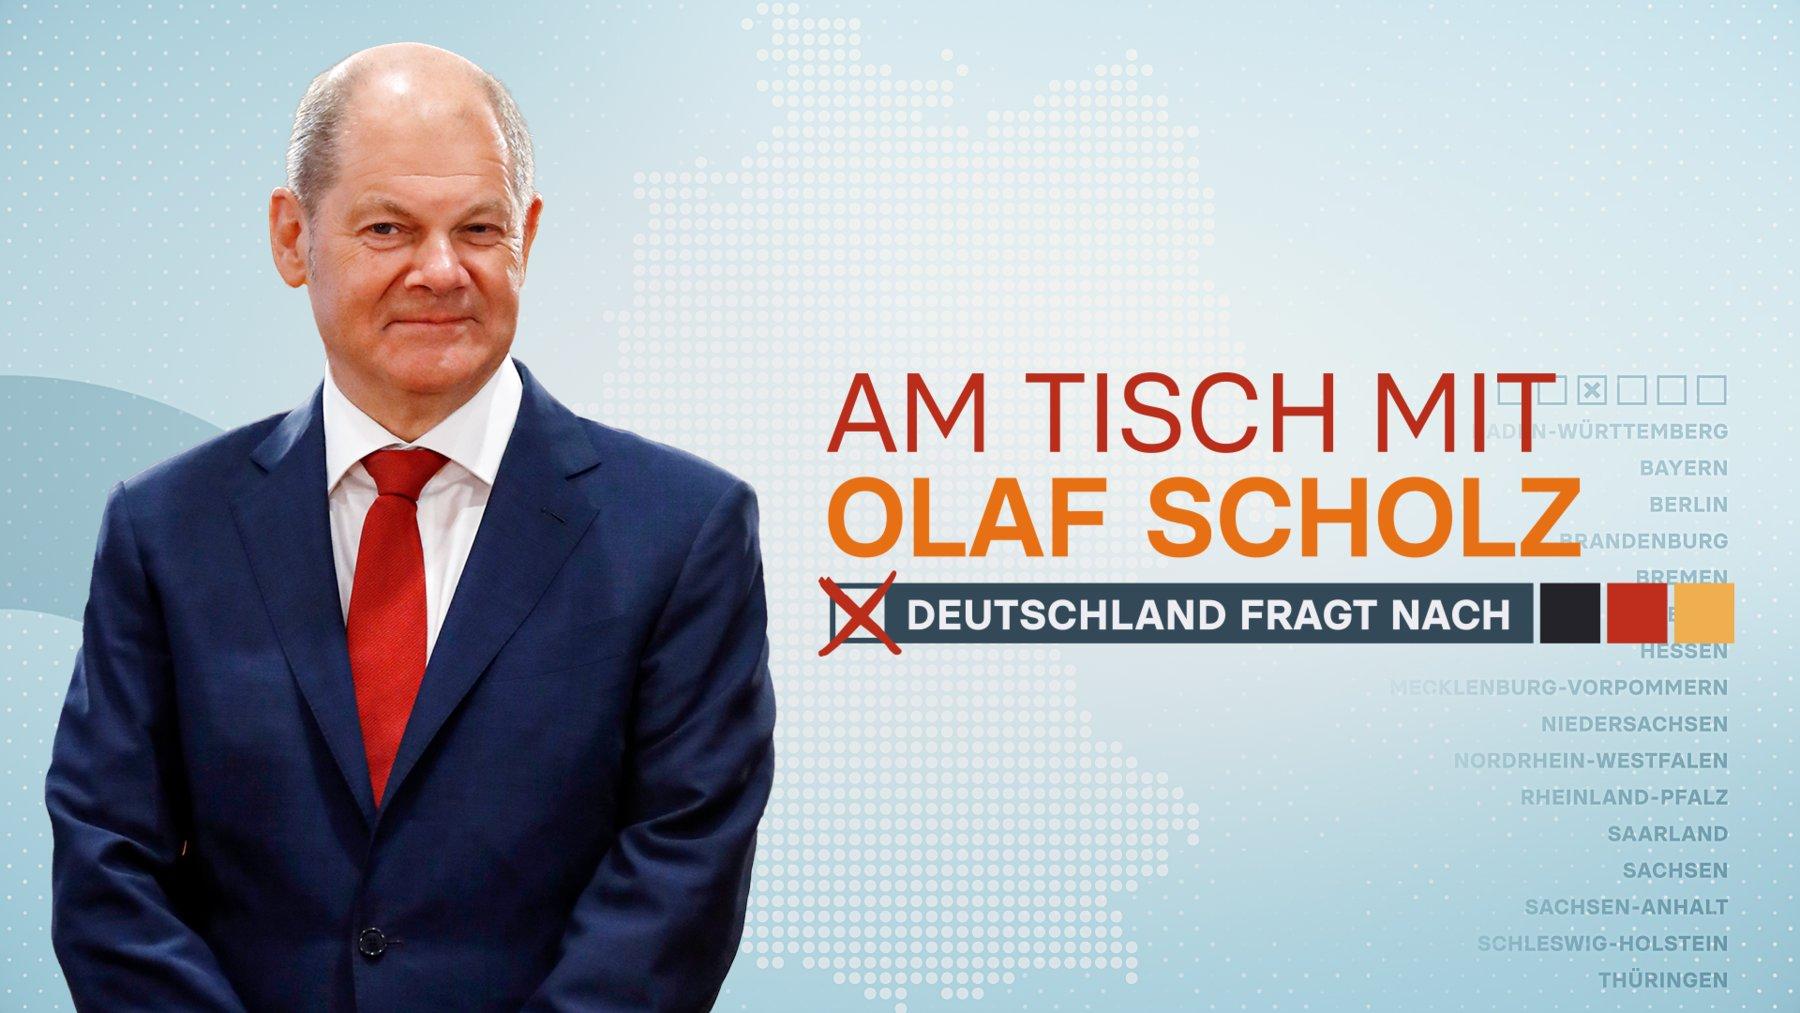 Am Tisch mit Olaf Scholz